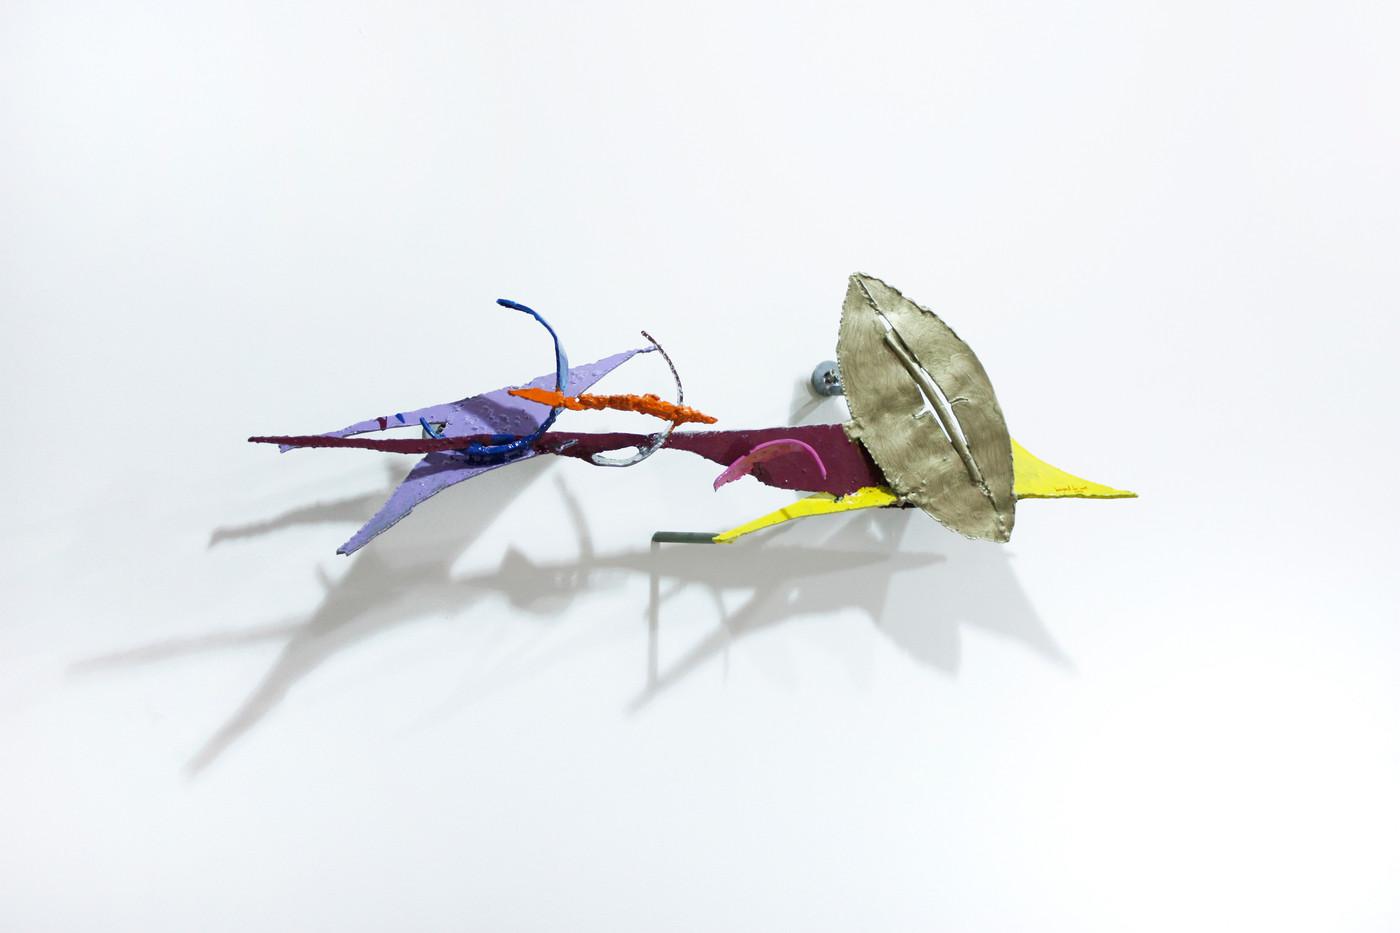 Barend de Wet | Object made to look like Art XIV | 2012 | Enamel Paint on Steel | 92 x 29 x 20 cm